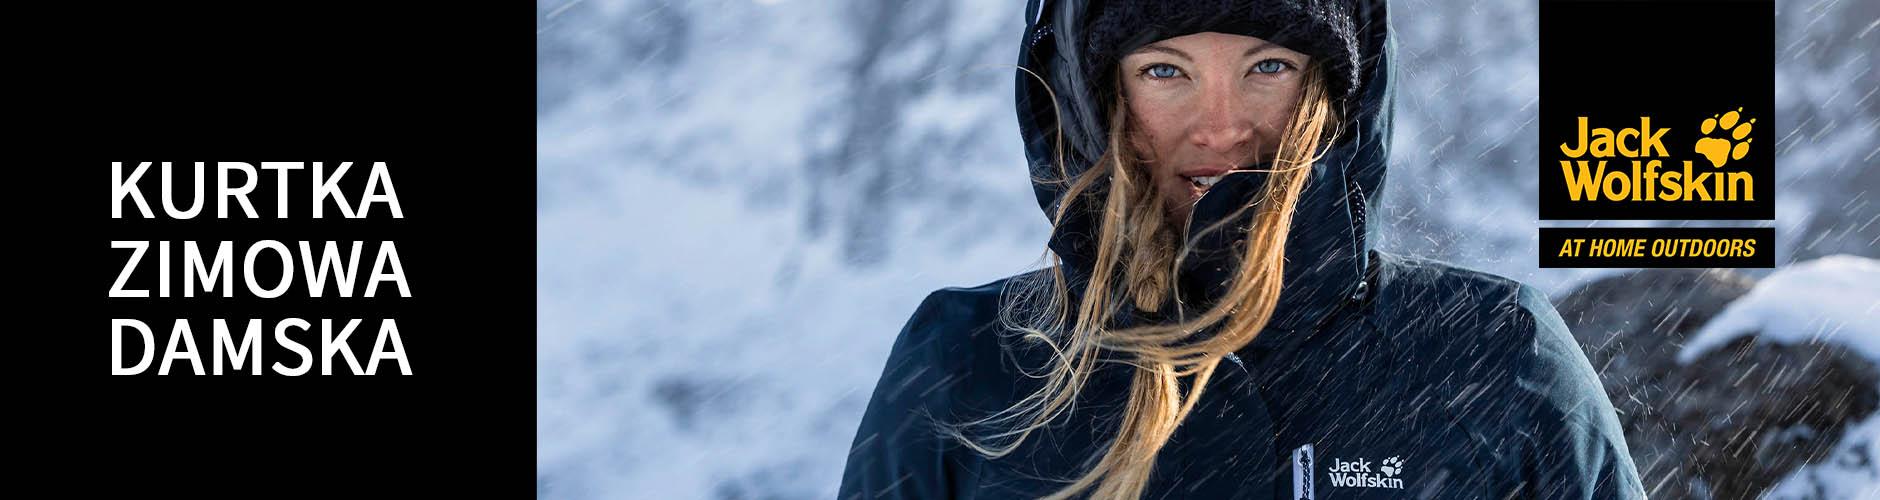 Kurtki zimowe damskie Jack Wolfskin